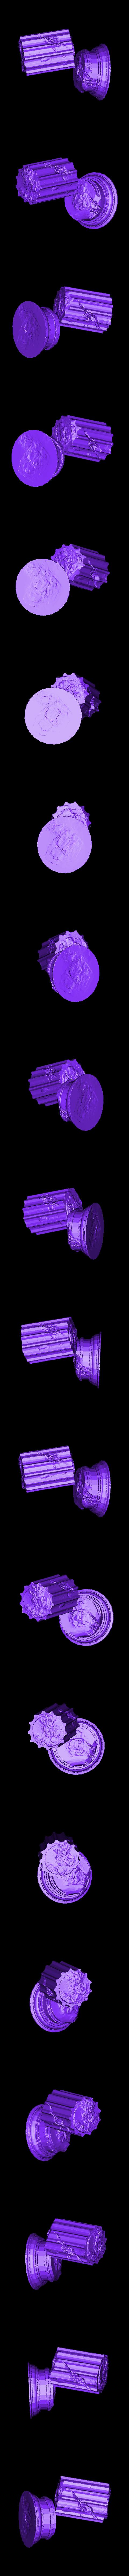 Fallen_Column_B.stl Télécharger fichier STL gratuit Colonne de ruines romaines/grecques • Plan pour imprimante 3D, DarkRealms